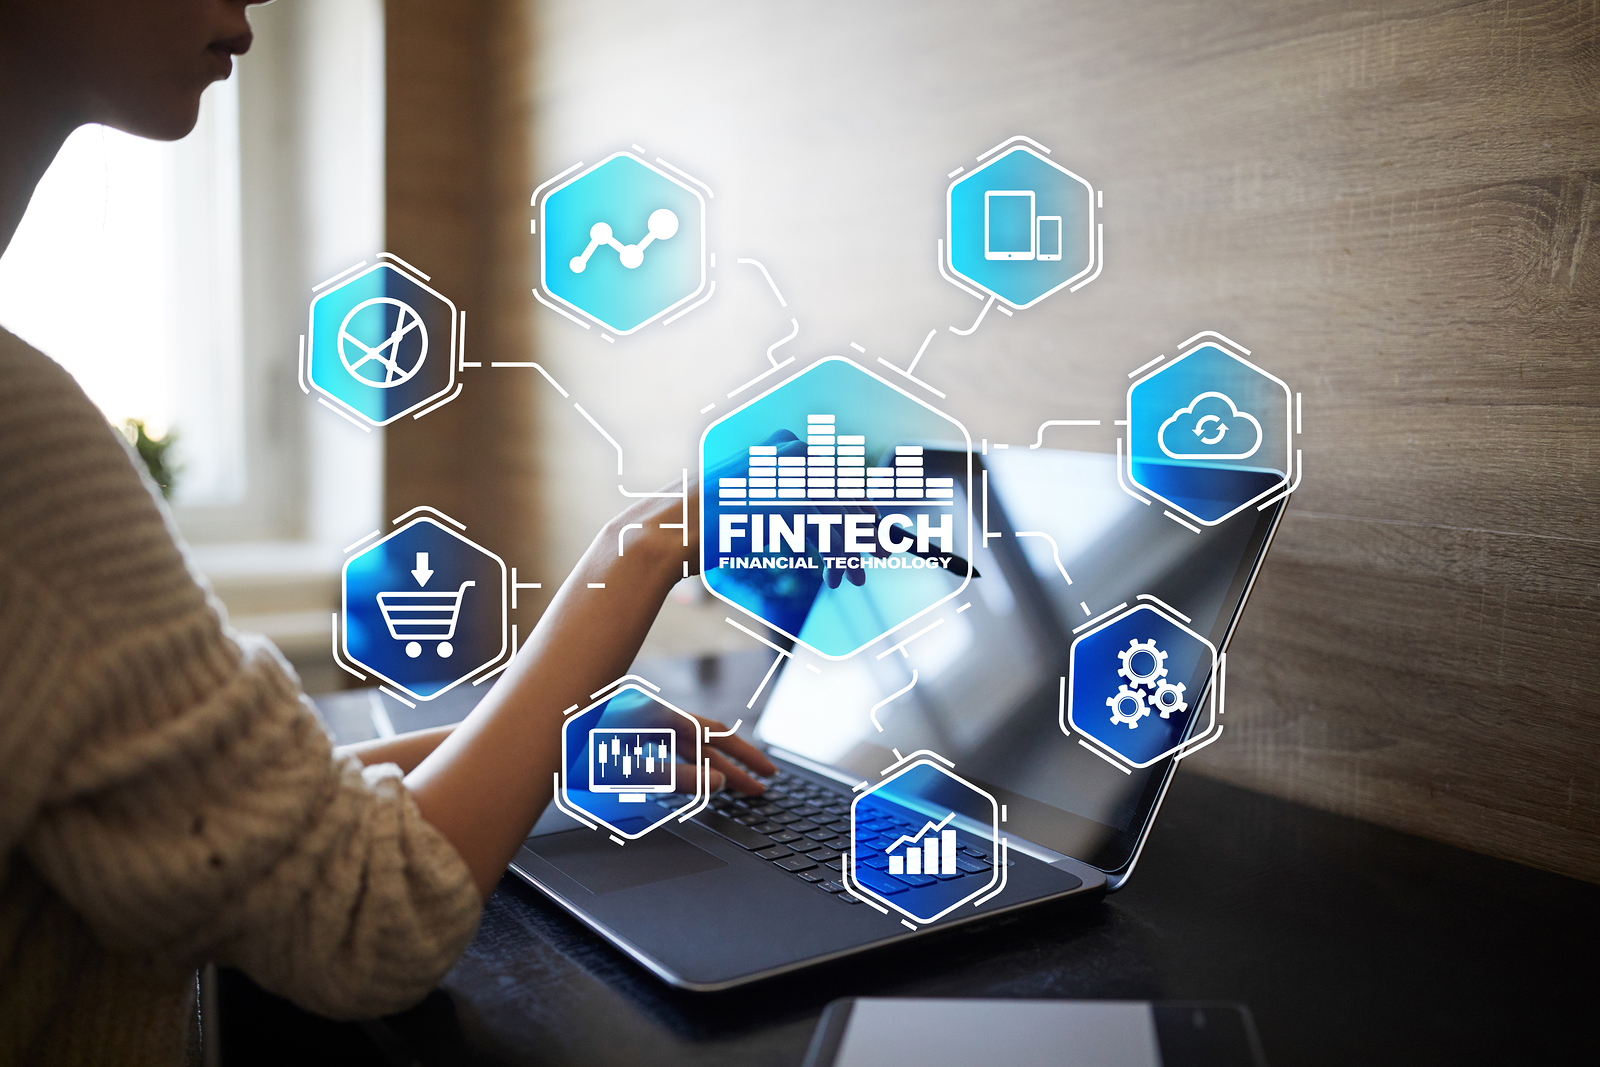 TOP-5 Fintech Trends in 2021